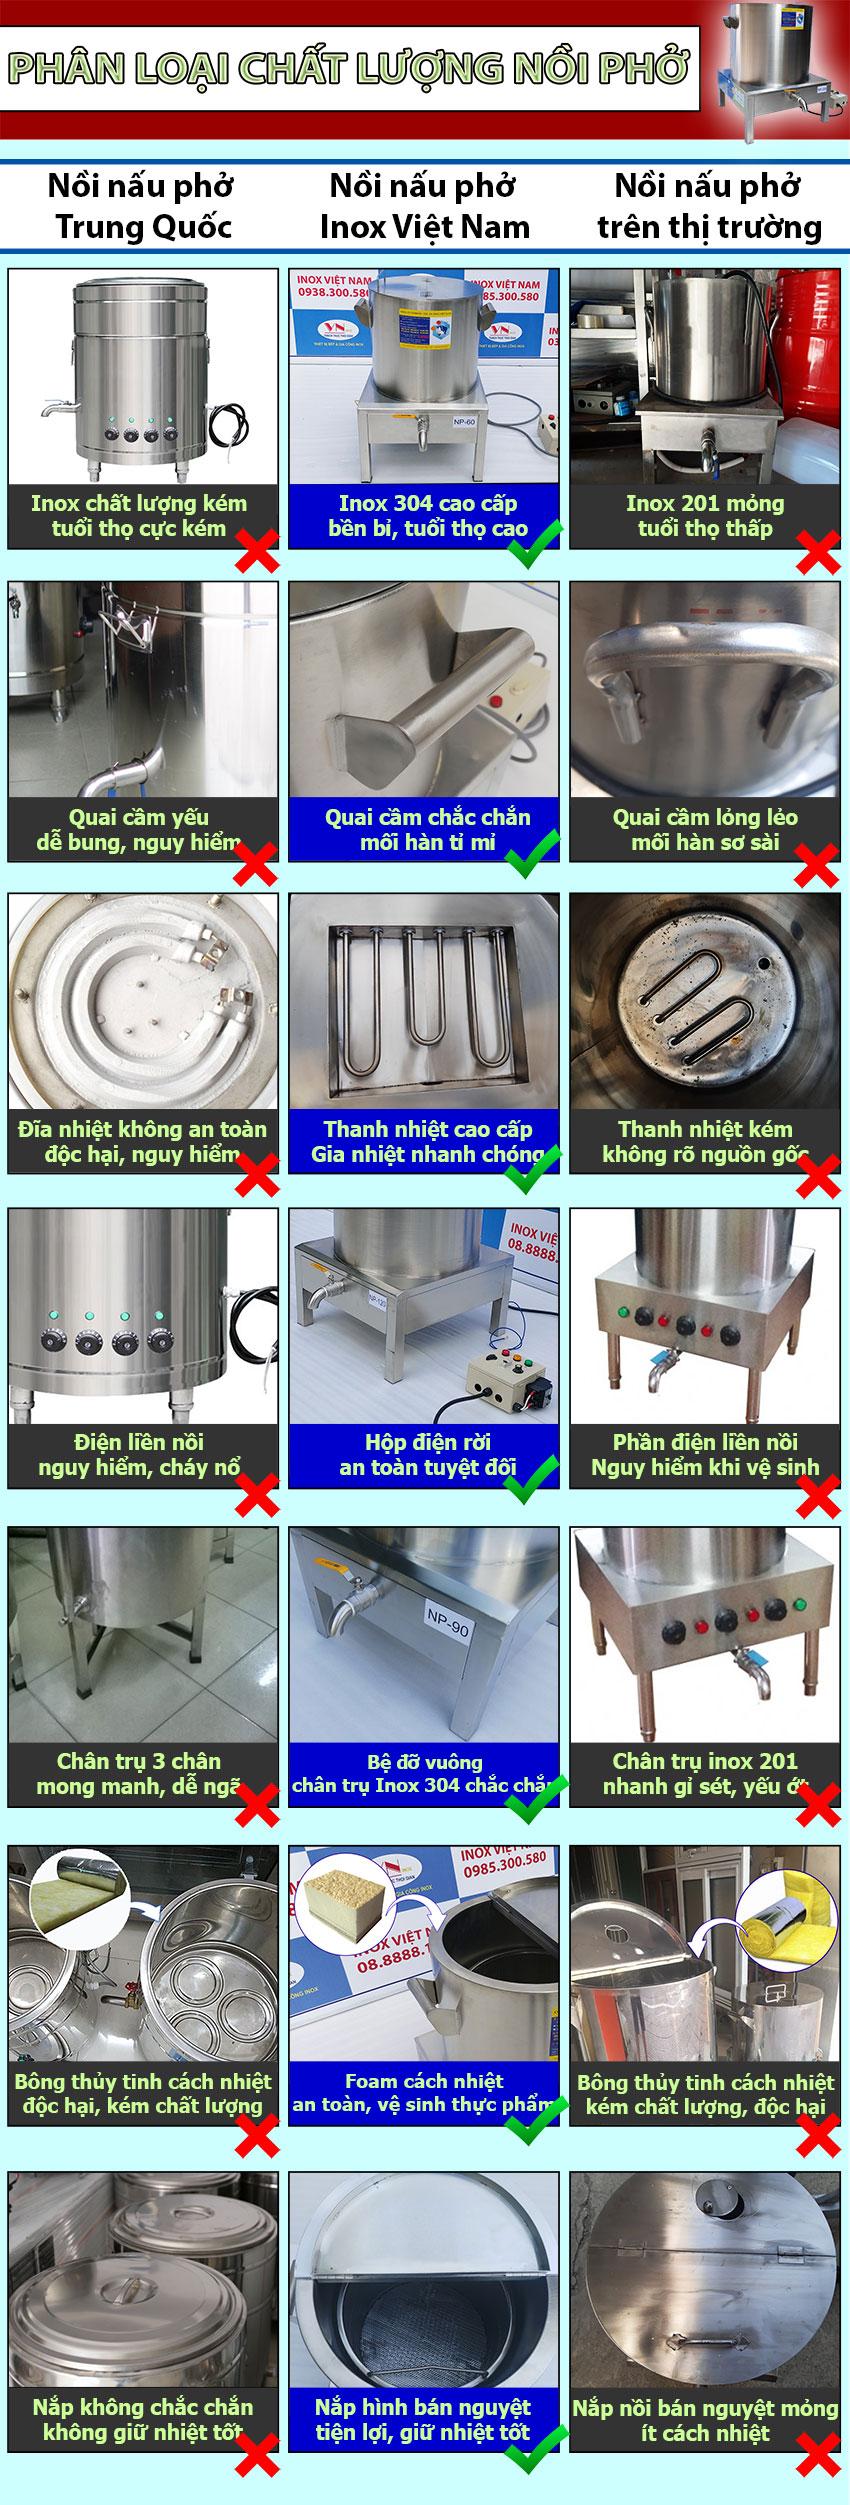 Những đặc điểm của nồi nấu phở bằng điện inox cao cấp sản xuất Bếp Inox Việt Nam.